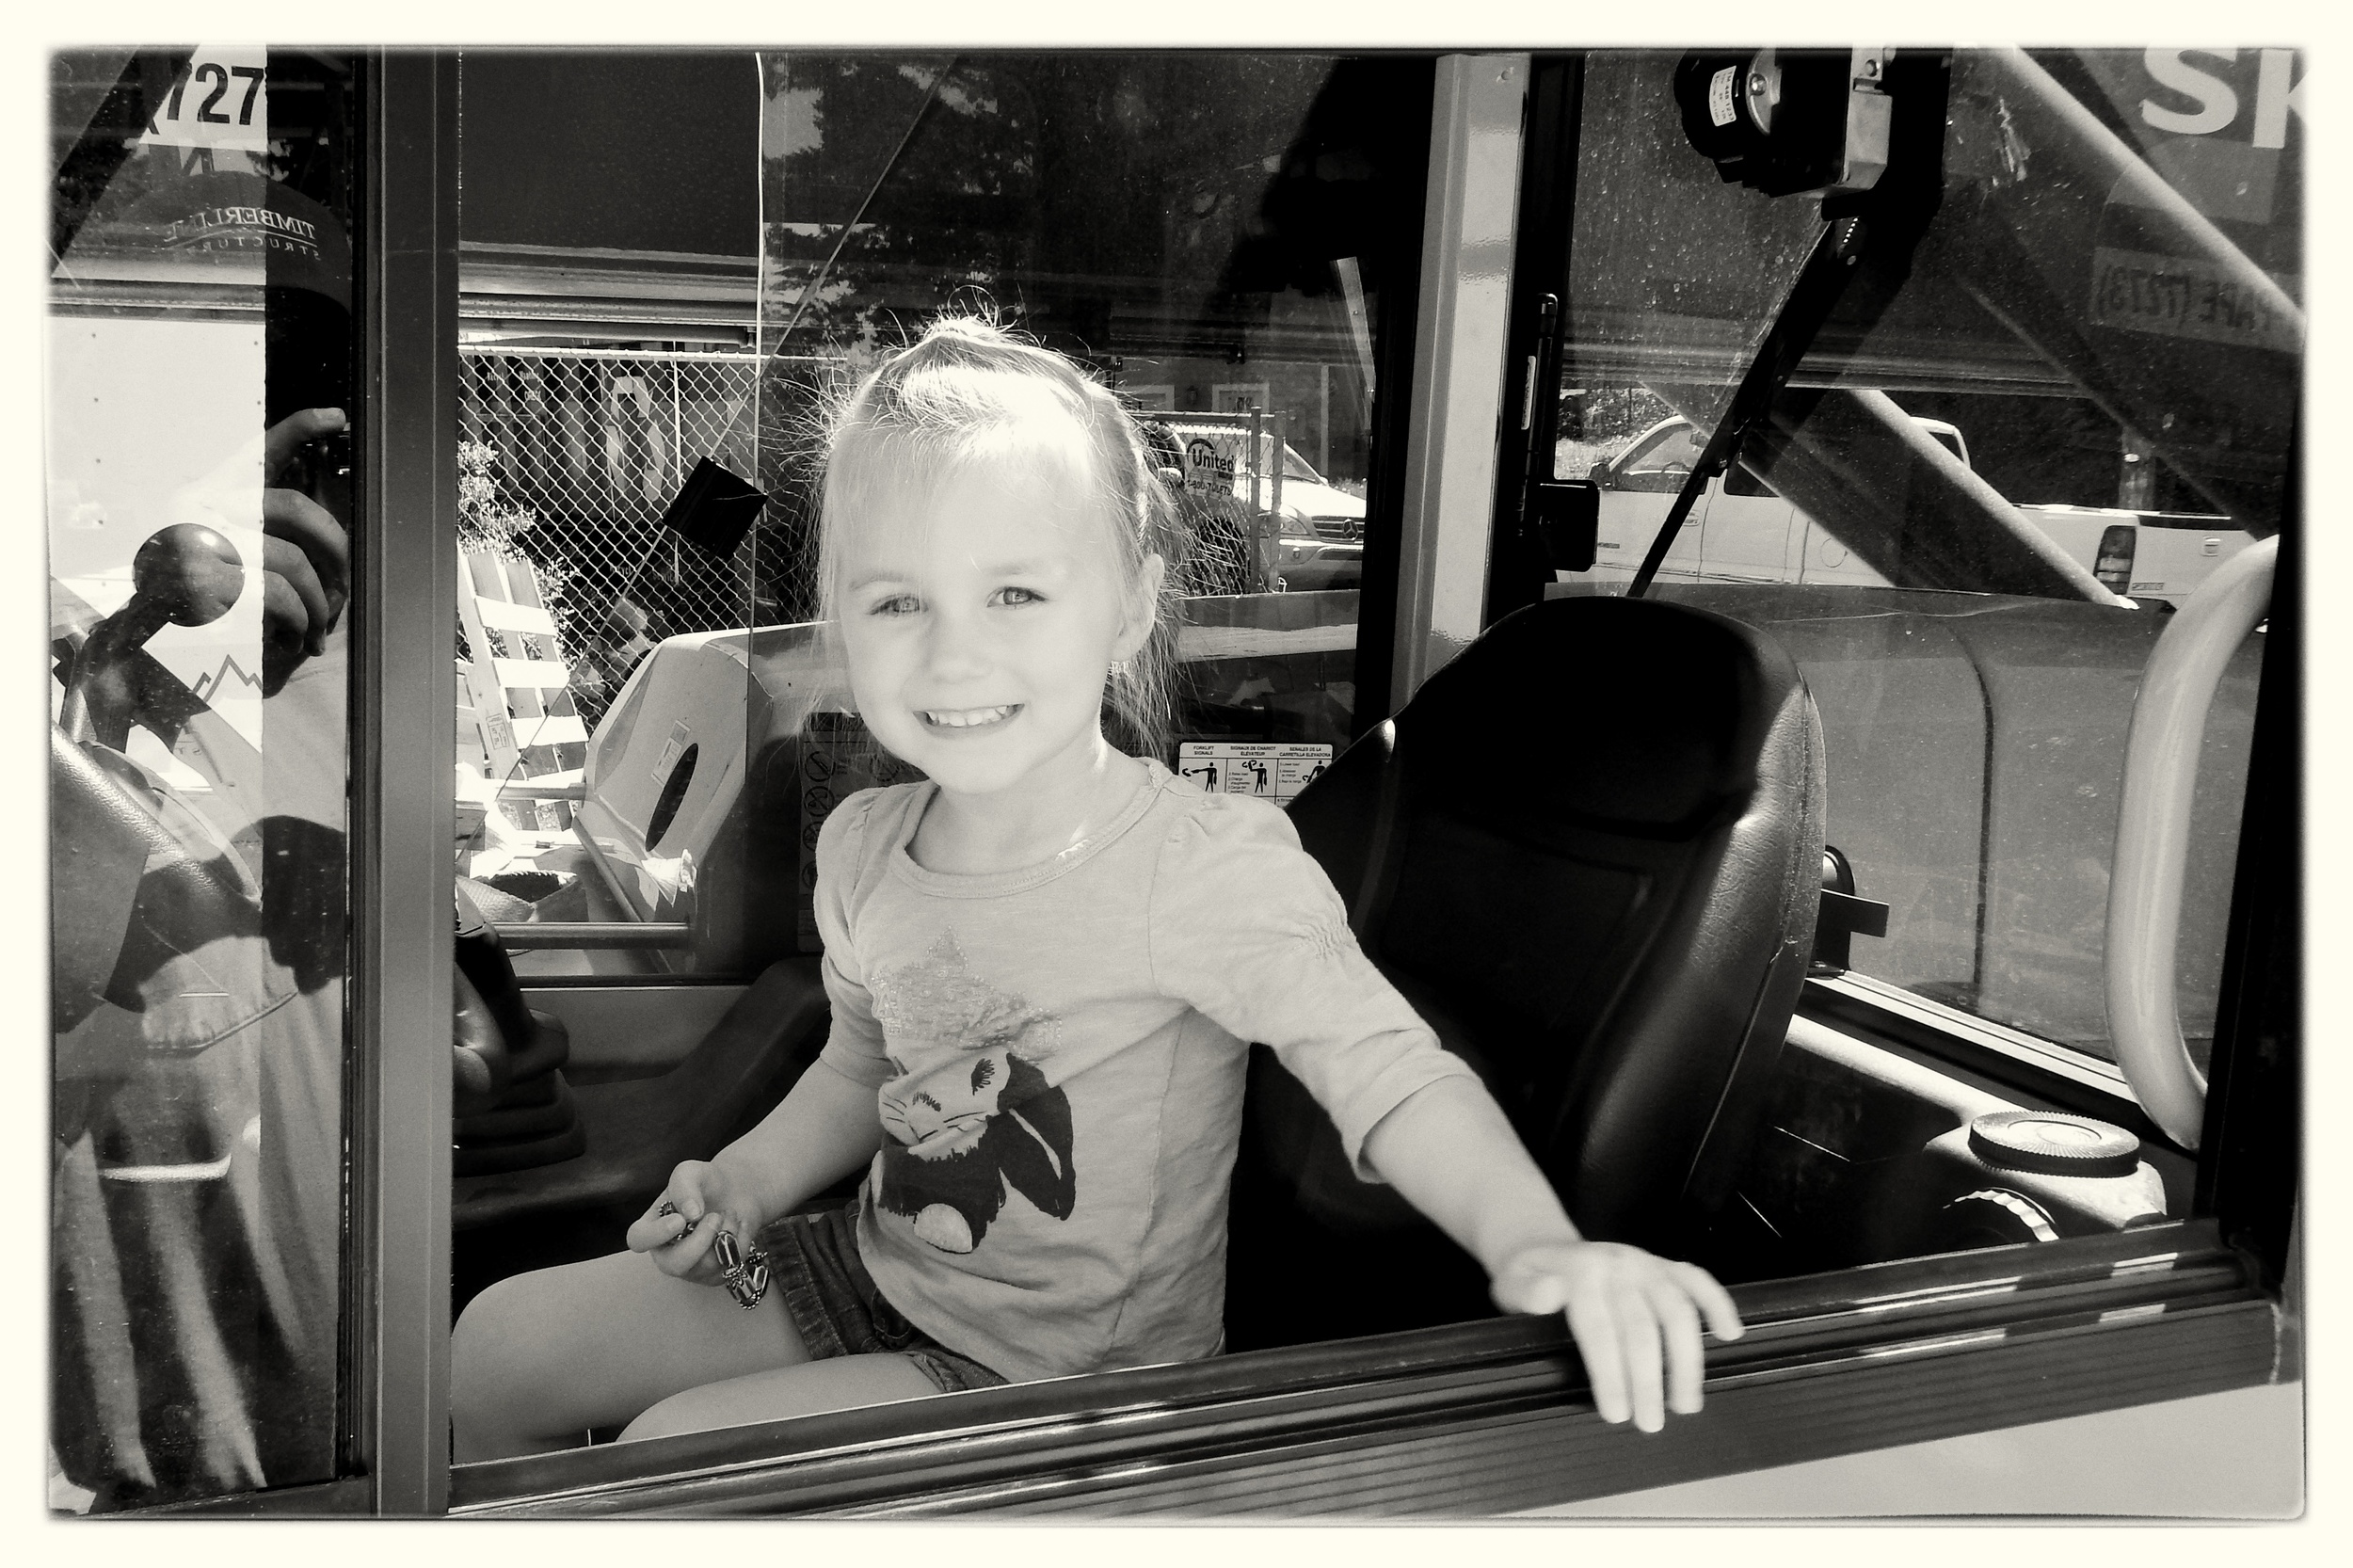 New Forklift Driver - Portland